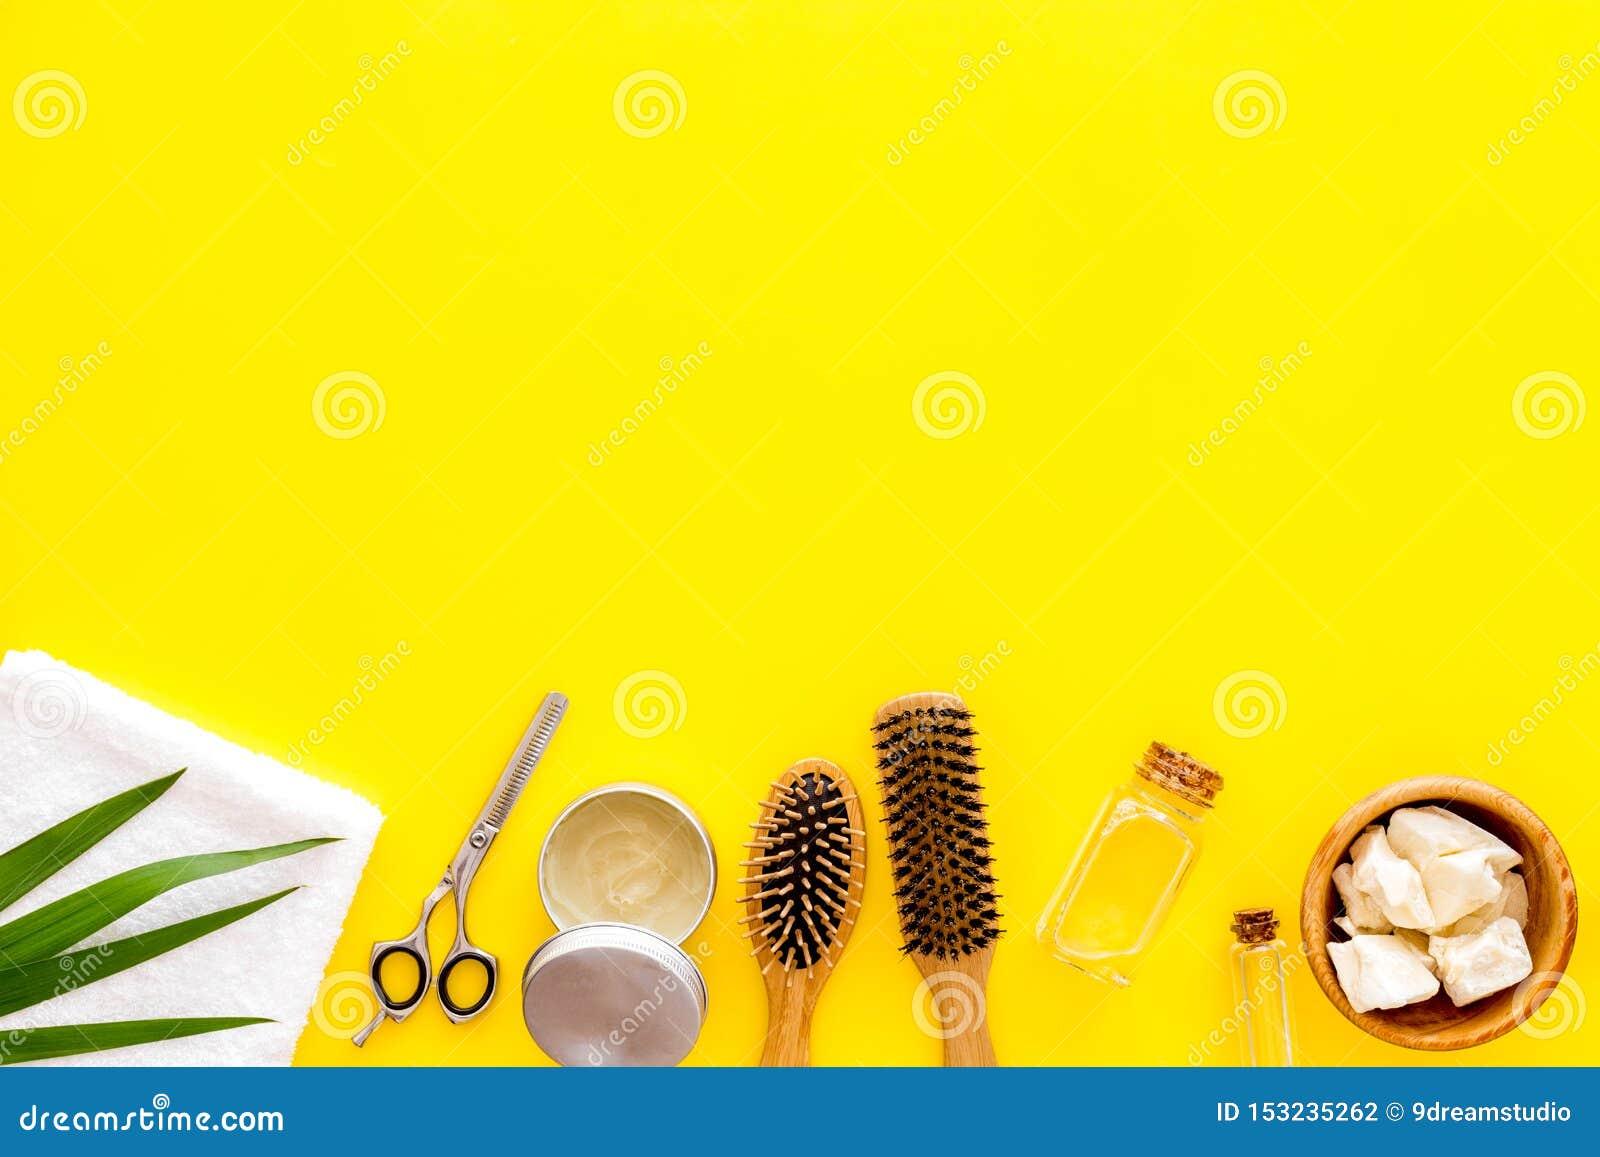 Kosmetik für Haarpflege mit Buxacee, Argan oder Kokosnussöl in der Flasche auf gelbem Draufsichtmodell des Hintergrundes